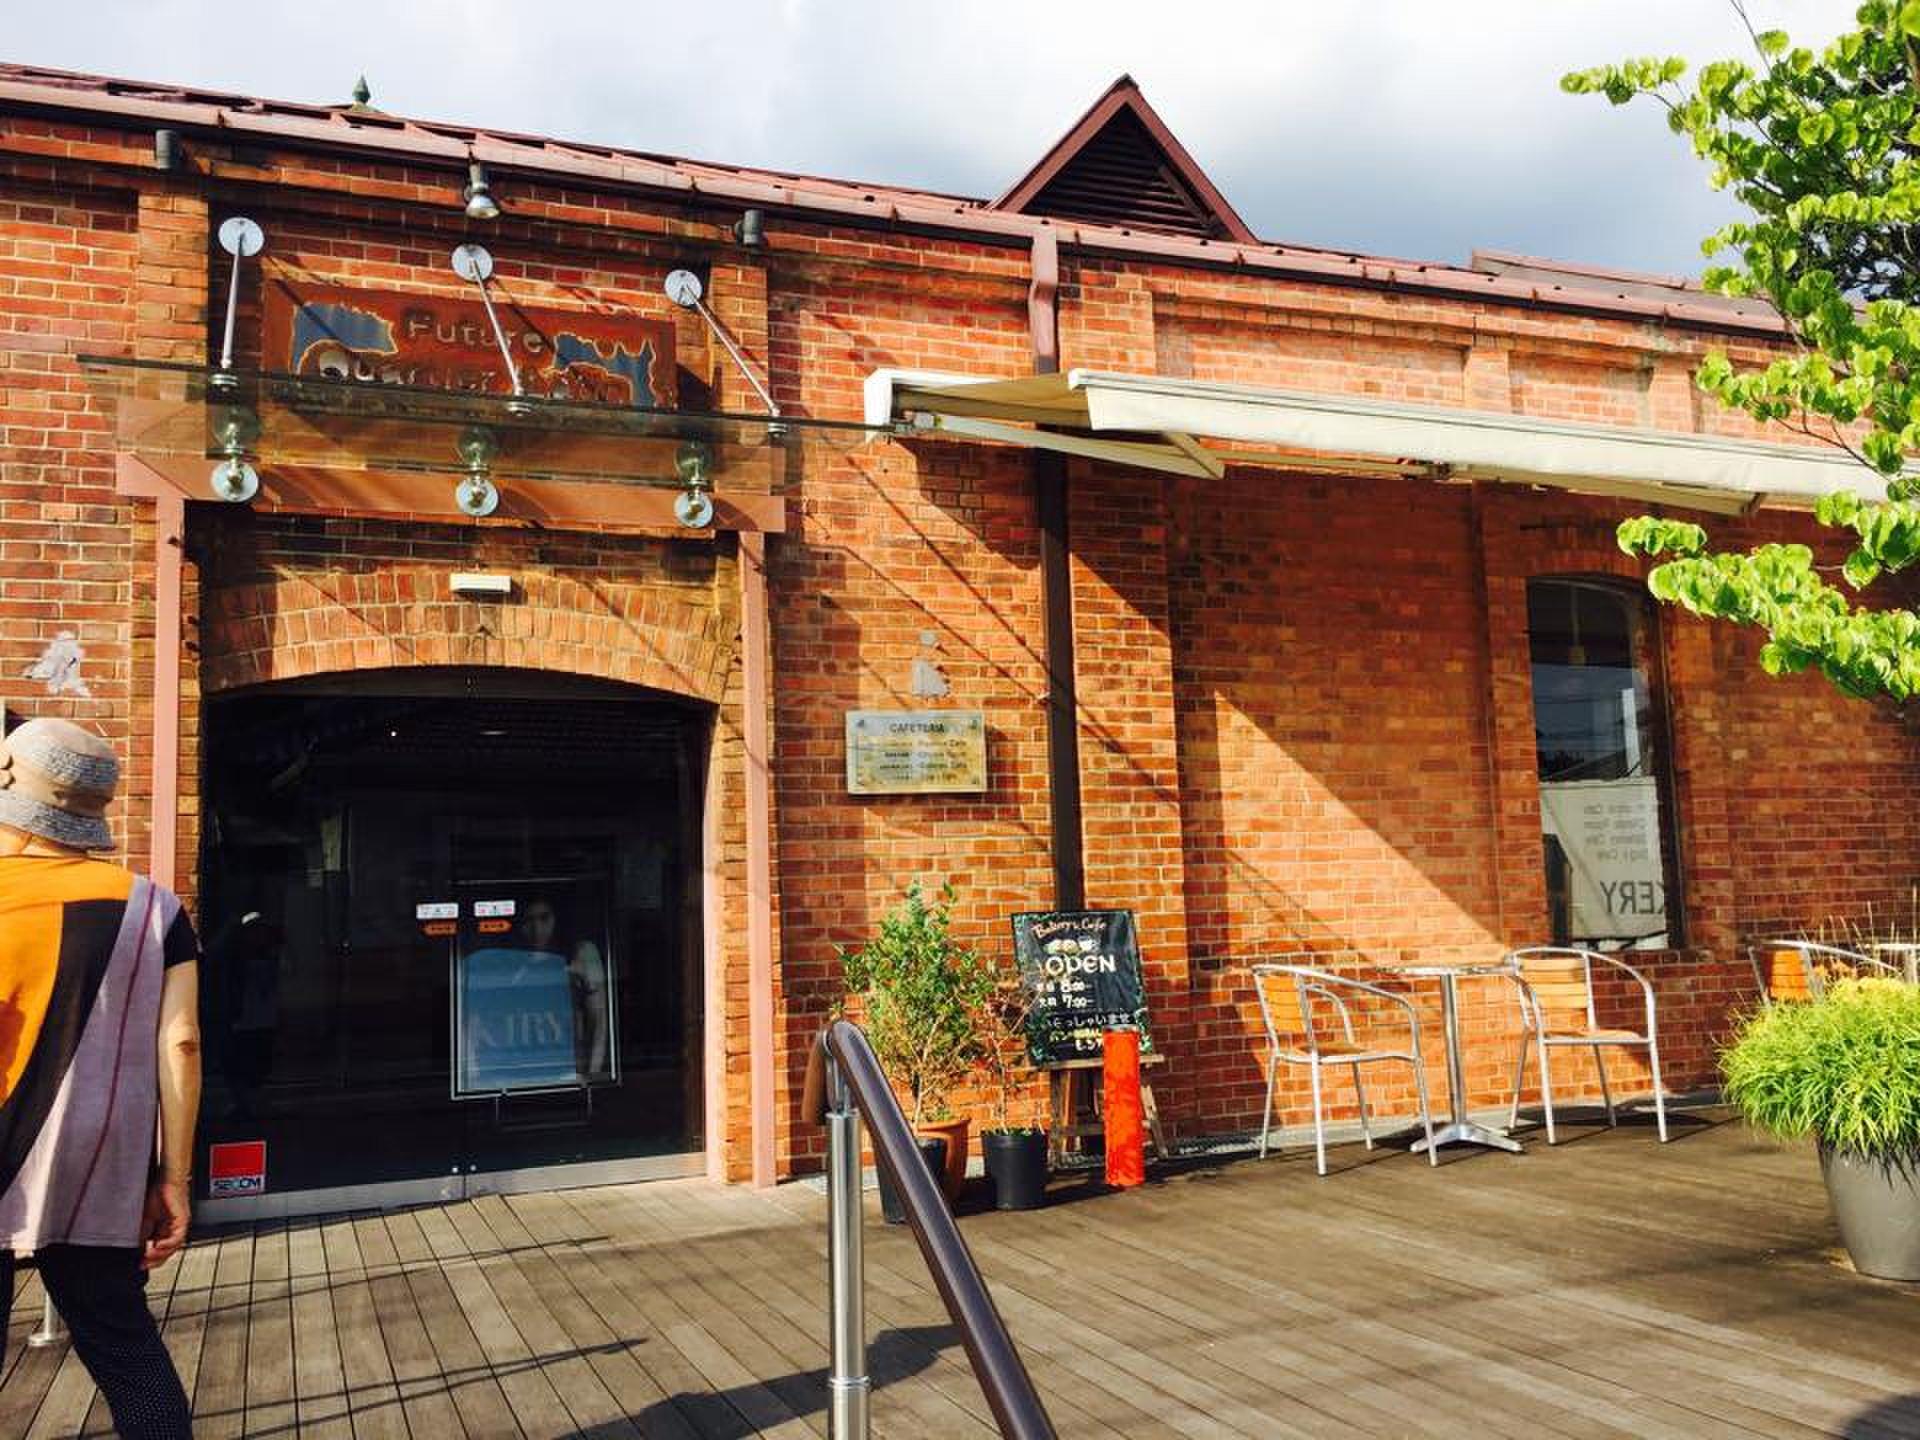 【群馬・桐生の、のこぎり屋根のパン屋さん】織物工場を改装したベーカリーカフェ レンガ